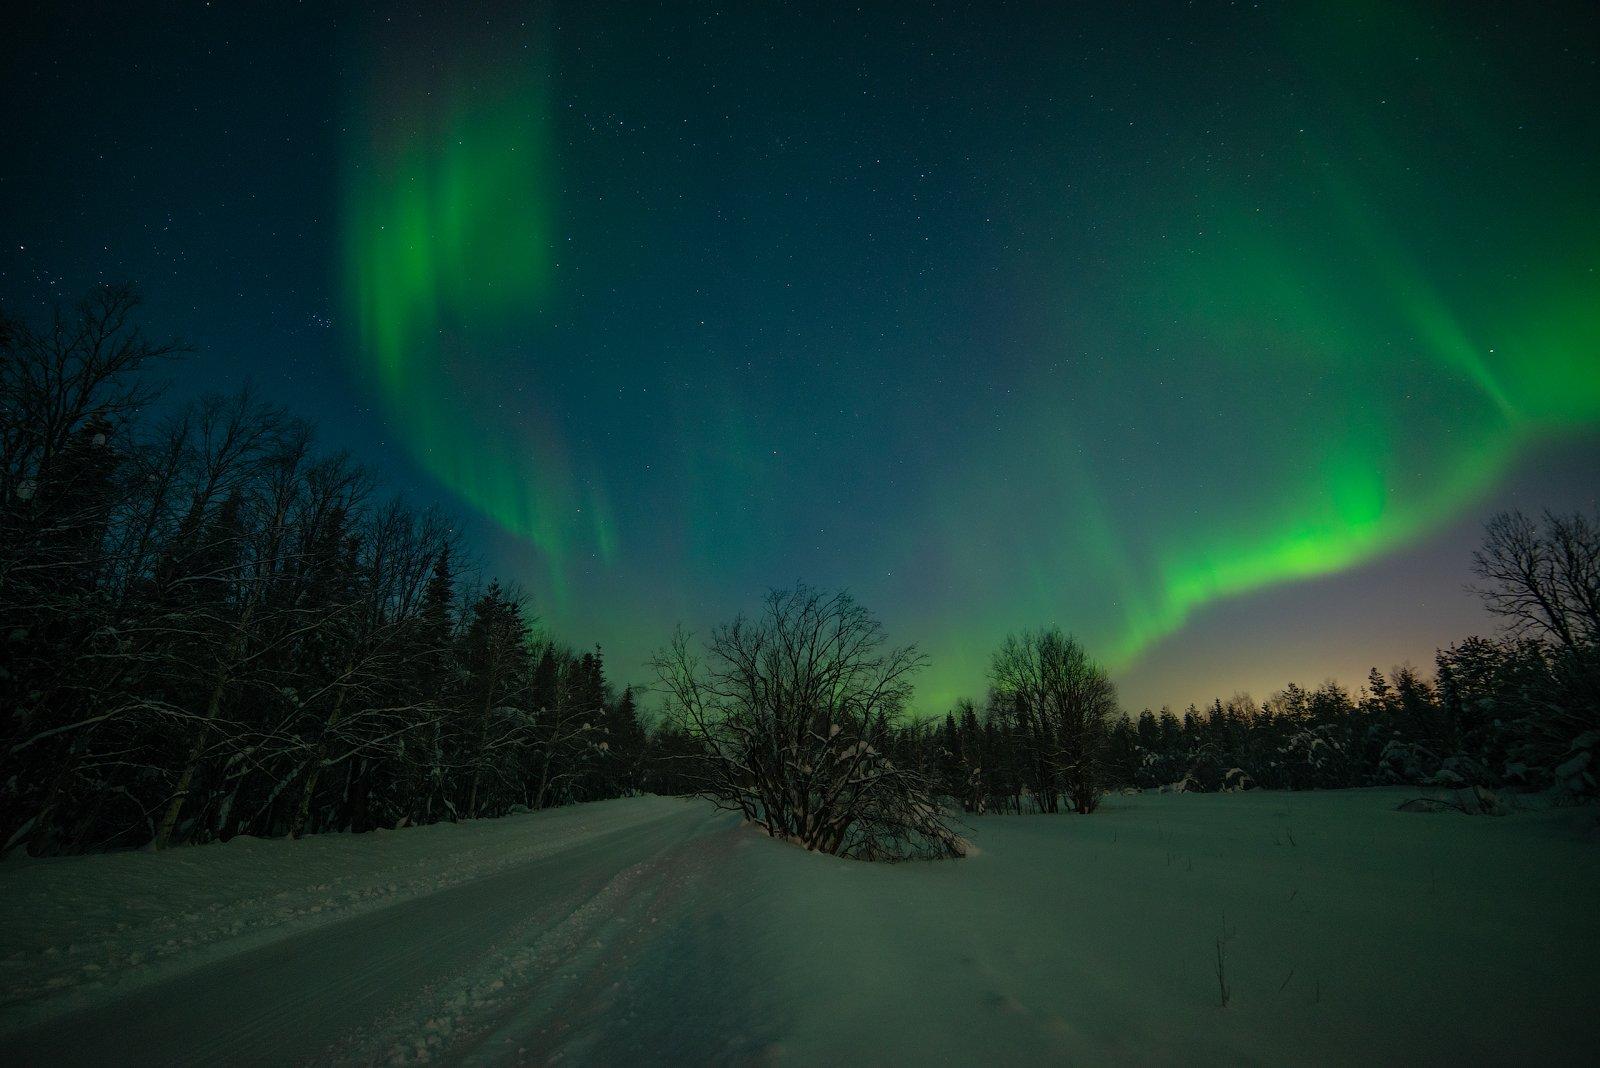 aurora borealis, северное сияние,хибины,север,кольский,заполярье,апатиты,мороз,, Роман Горячий